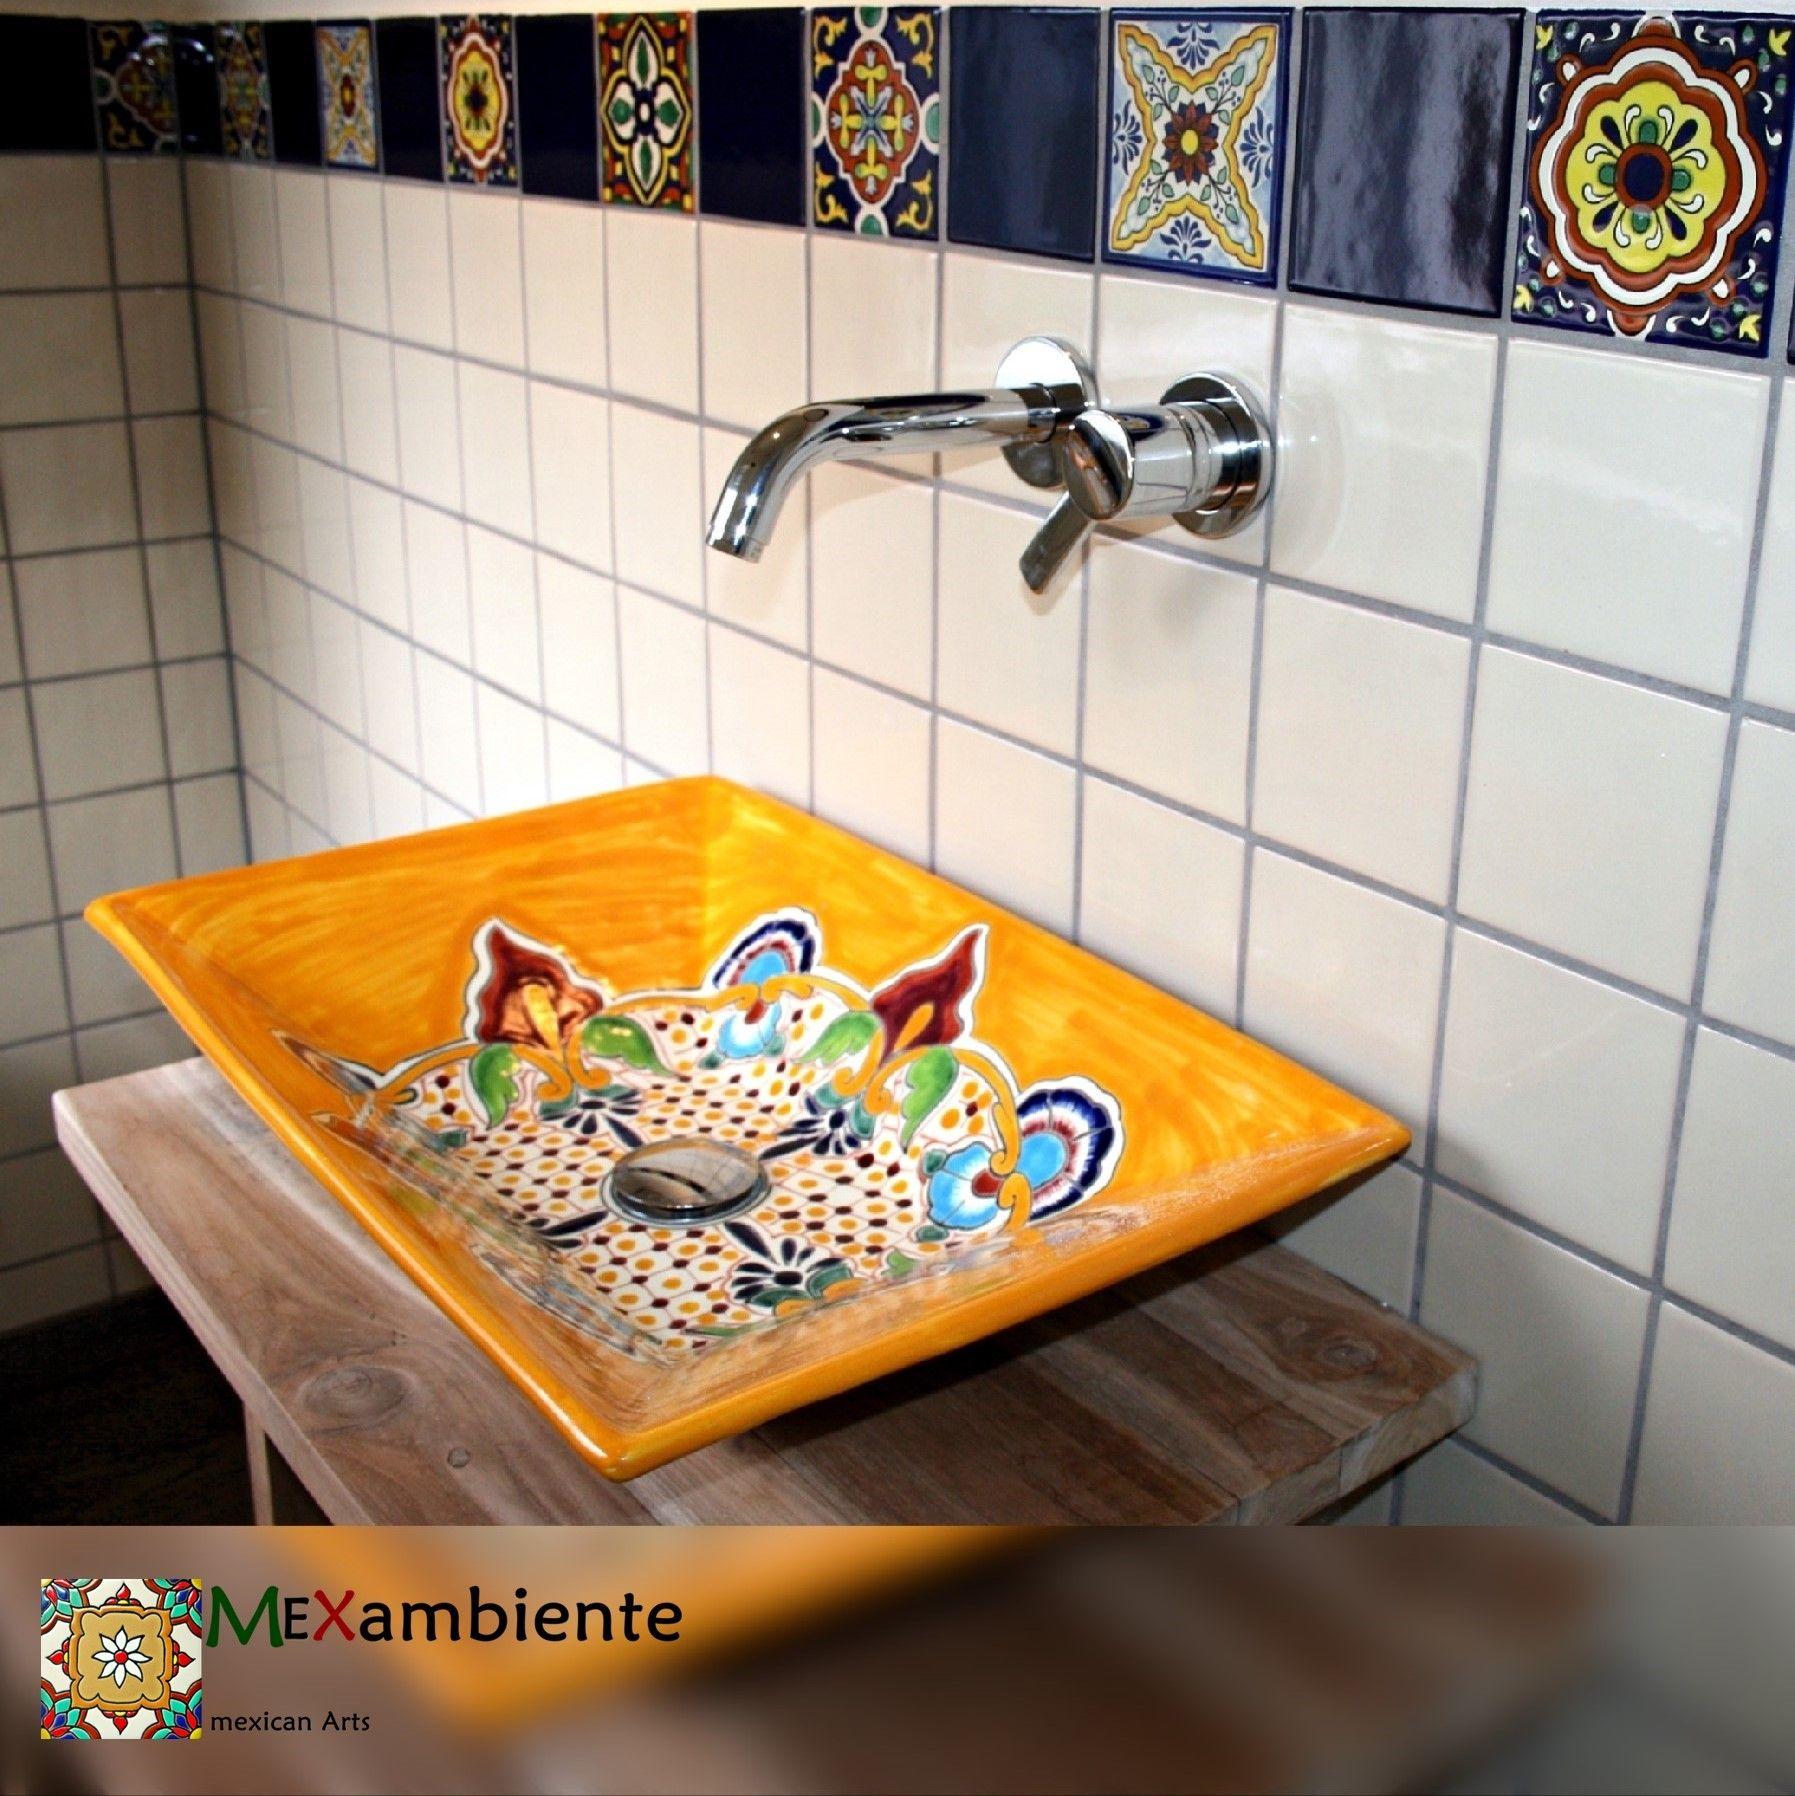 So Schon Unser Rechteckiges Waschbecken Puebla Stilvoll Kombiniert Mit Einer Bordure Aus Mexamabiente Dekorfliesen Und Weissen Wandfli Blue Tiles Sink Decor